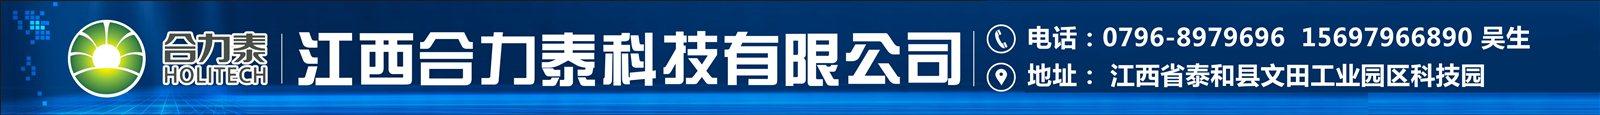 江西合力泰科技有限公司